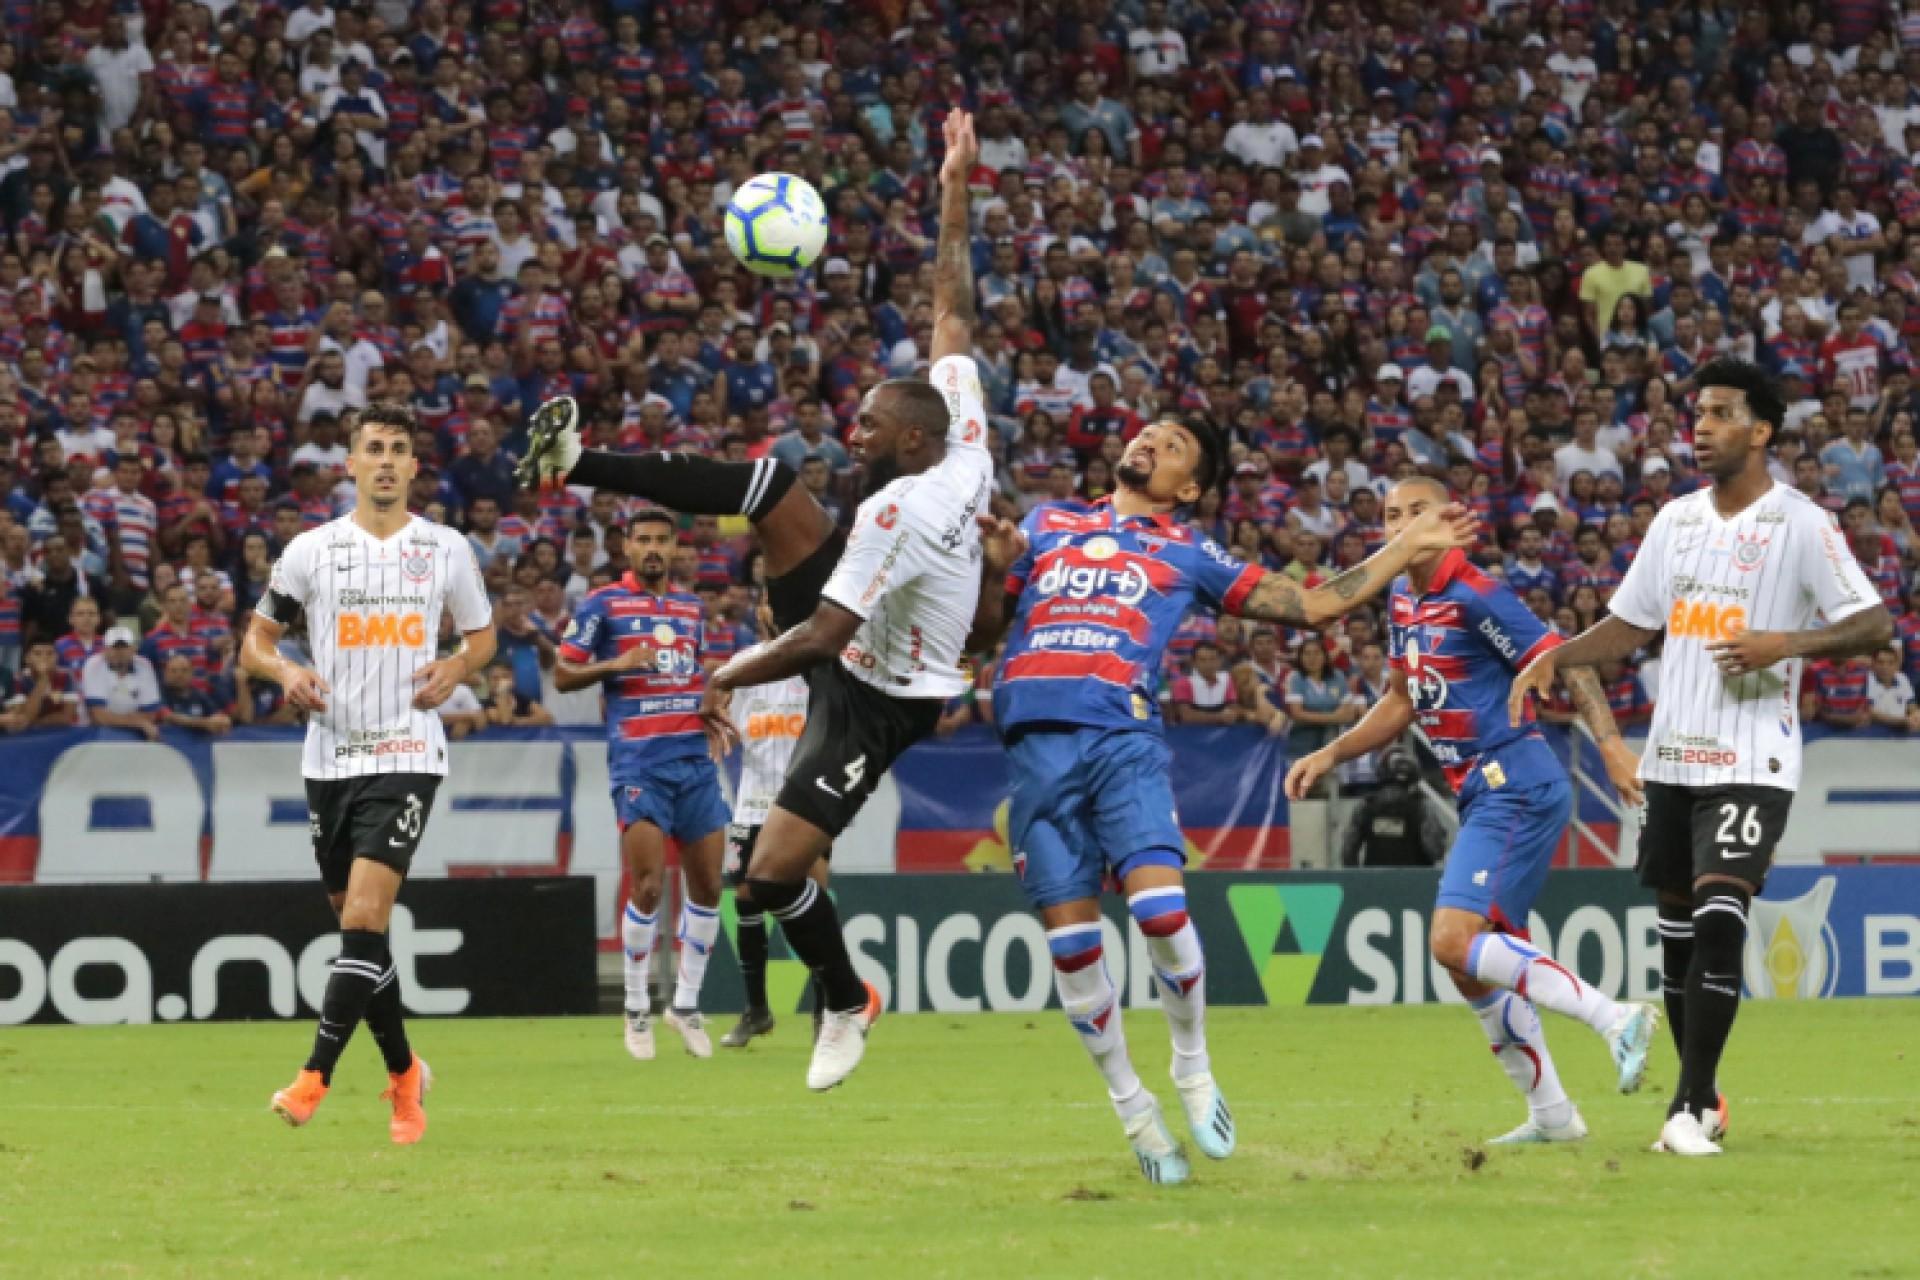 Corinthians X Fortaleza Pelo Brasileirao Onde Assistir A Transmissao Ao Vivo Do Jogo De Hoje Futebol Esportes O Povo